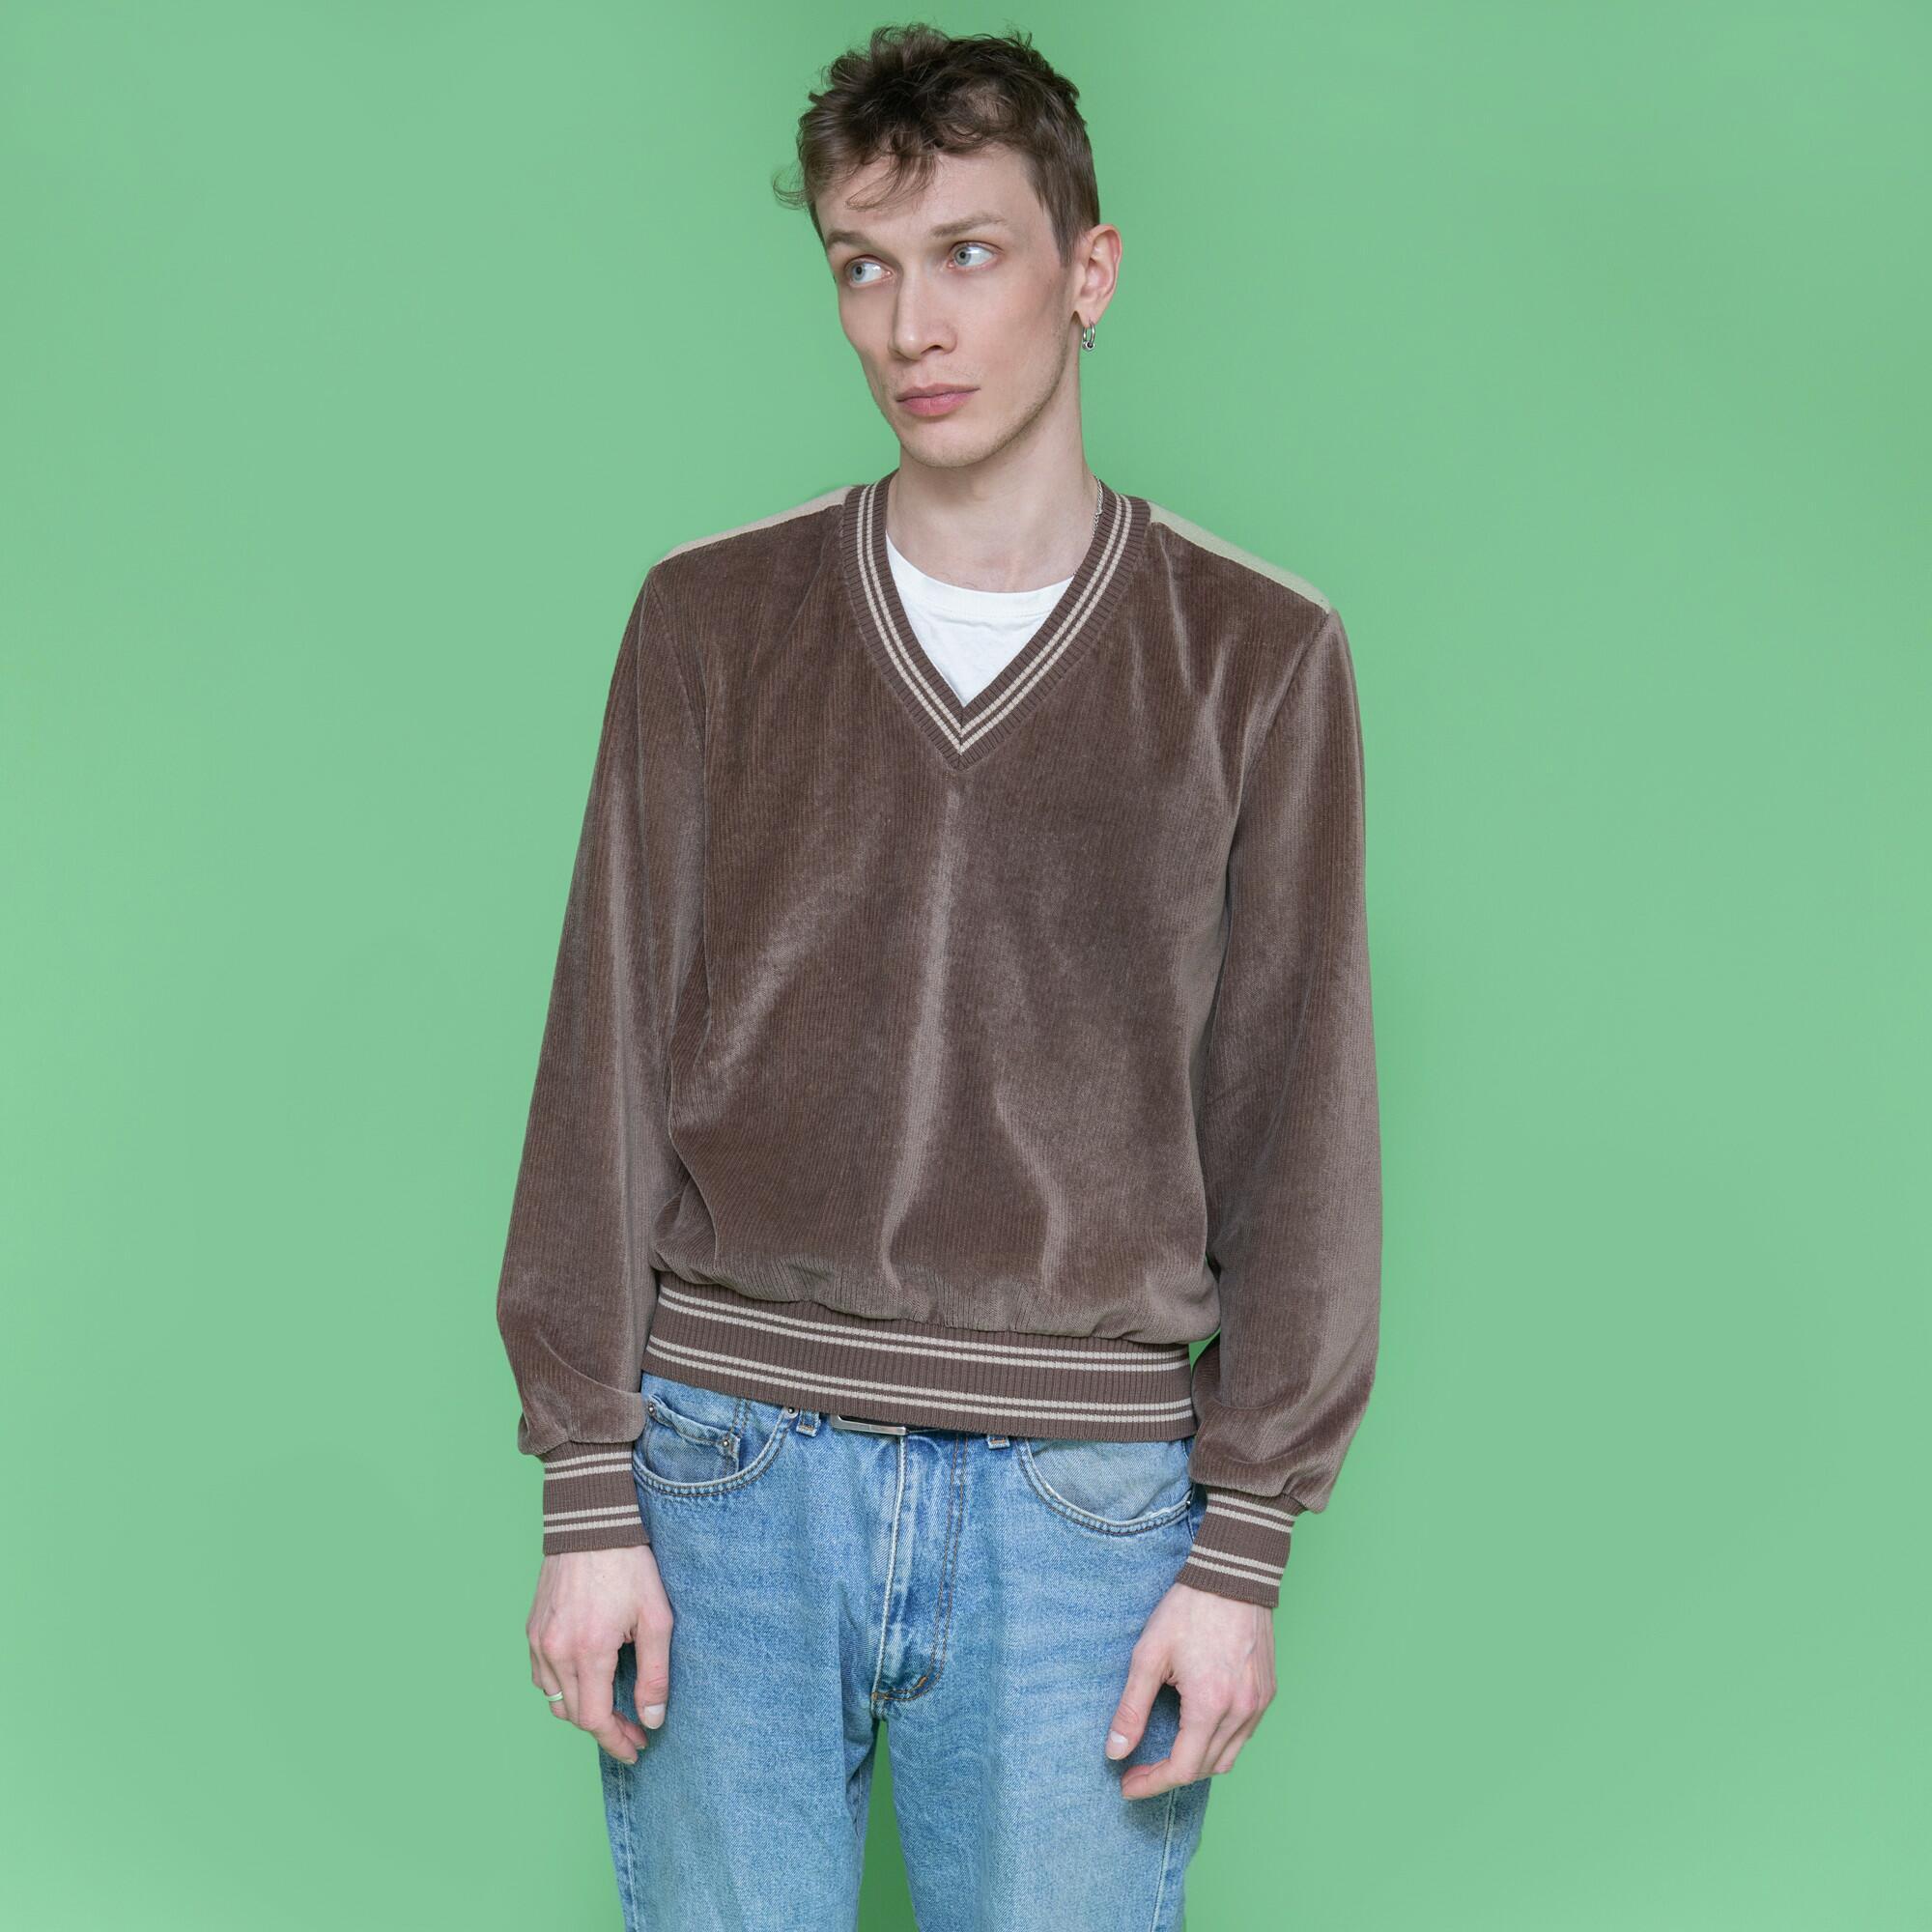 Bluza z weluru w kolorze orzechowym - KEX Vintage Store   JestemSlow.pl